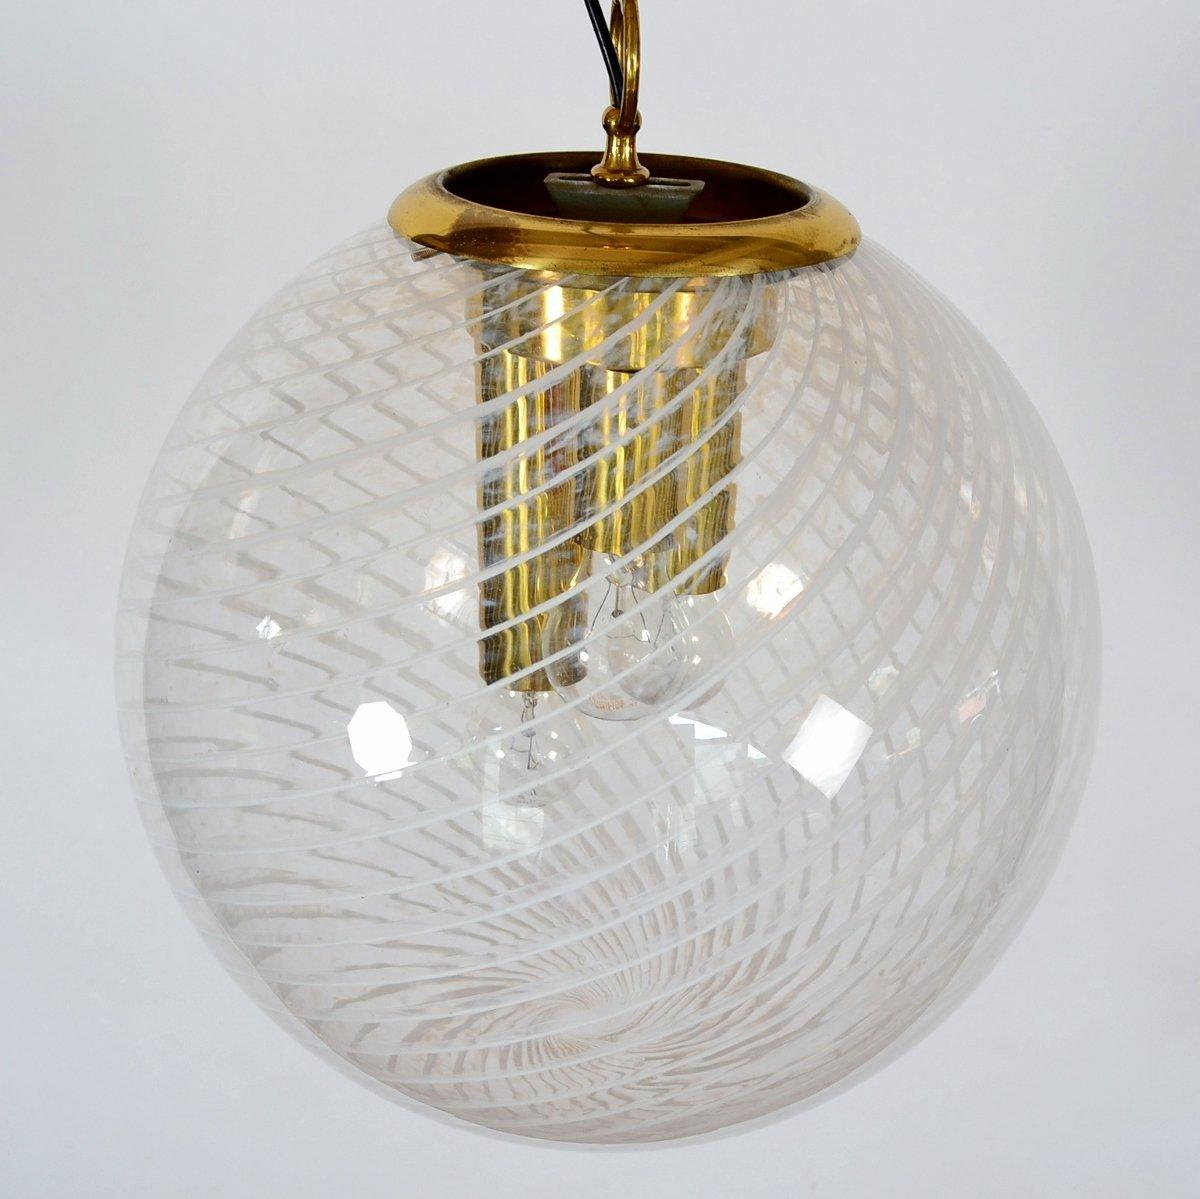 Sphärische Murano Glas Hängelampe von Venini, 1960er